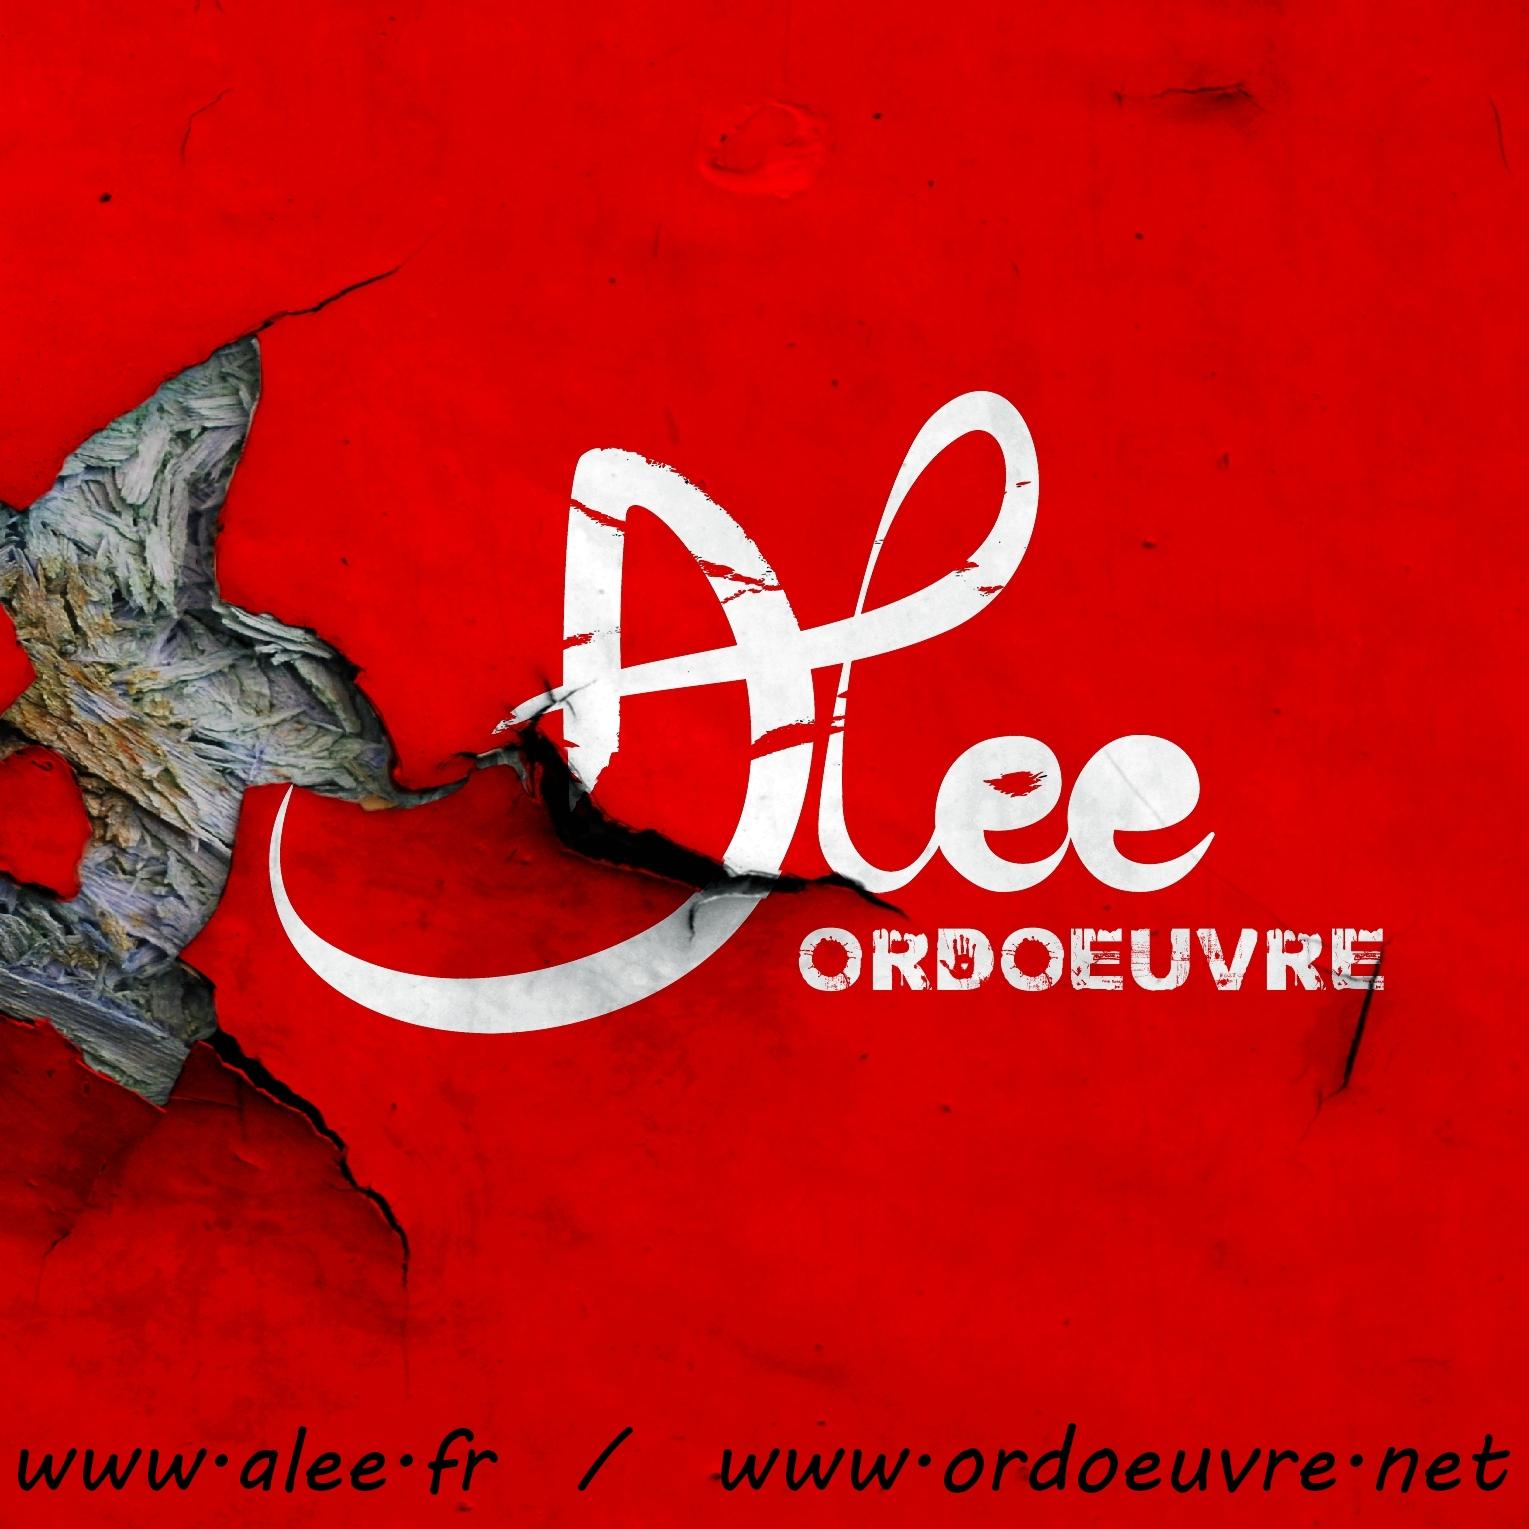 sticker__alee___v_ordoeuvre-1474063794.jpg